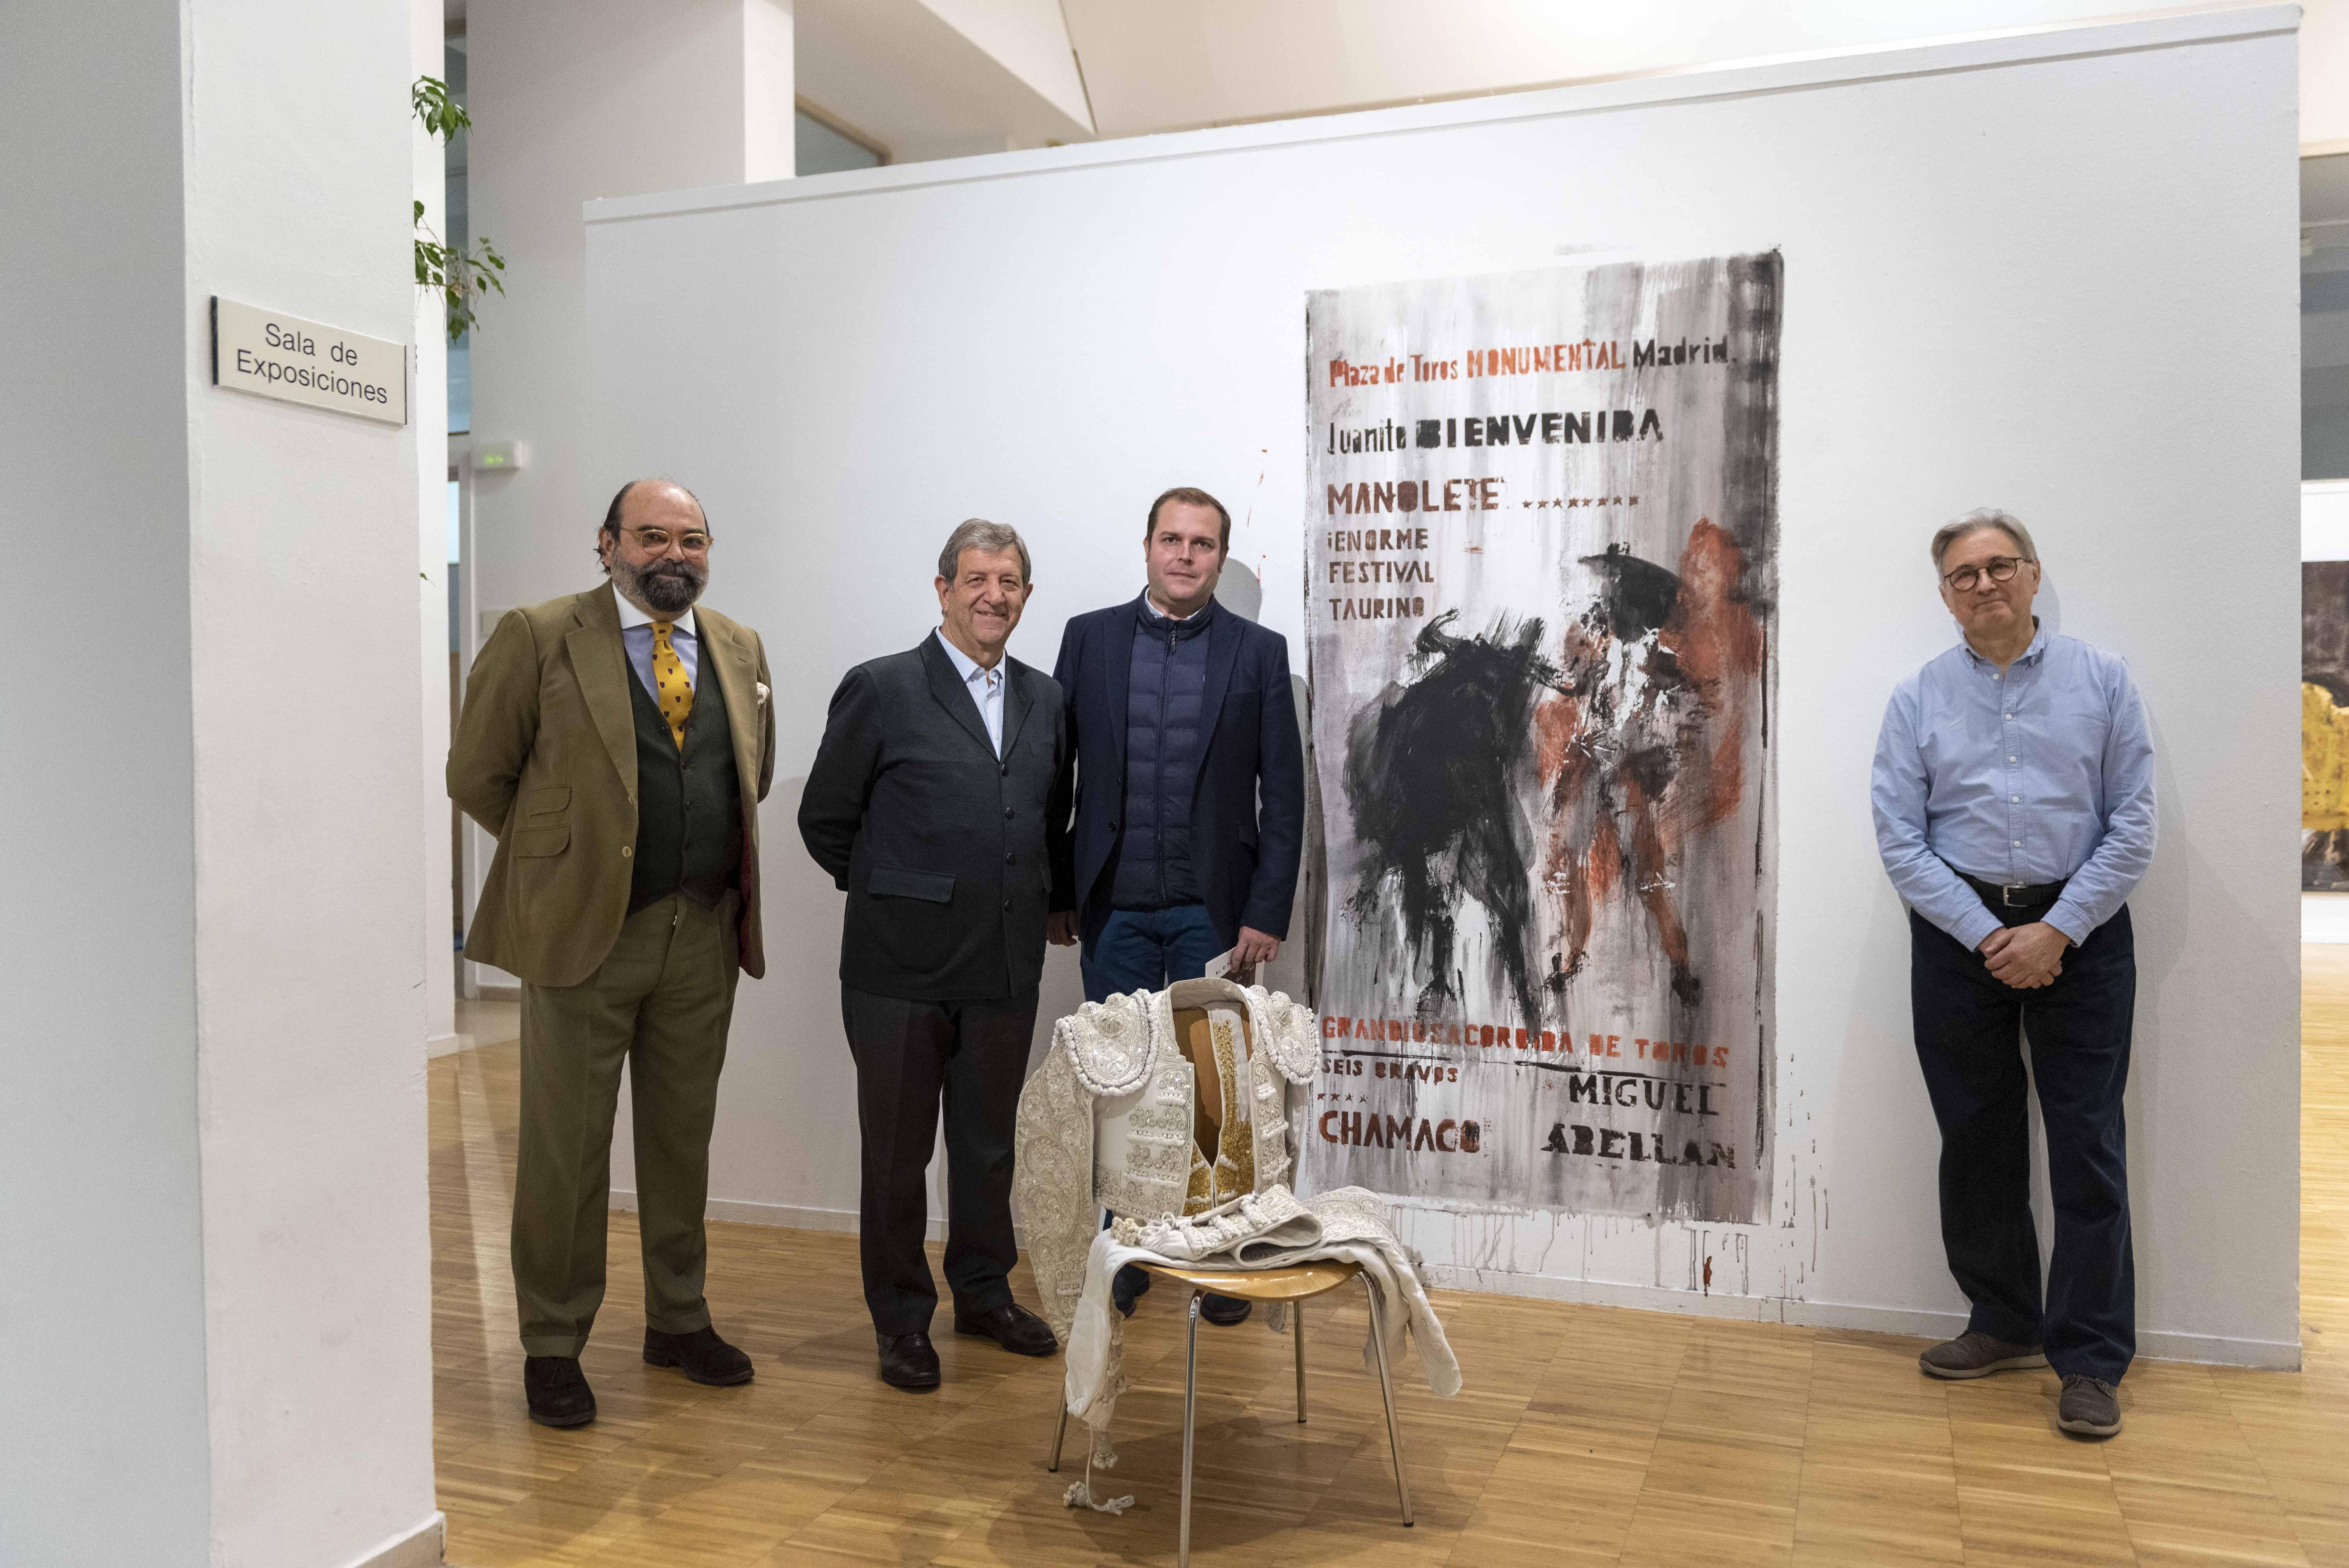 El alcalde y el concejal de Cultura, junto al representante del Consejo de Asuntos Taurinos y el pintor Montesol.